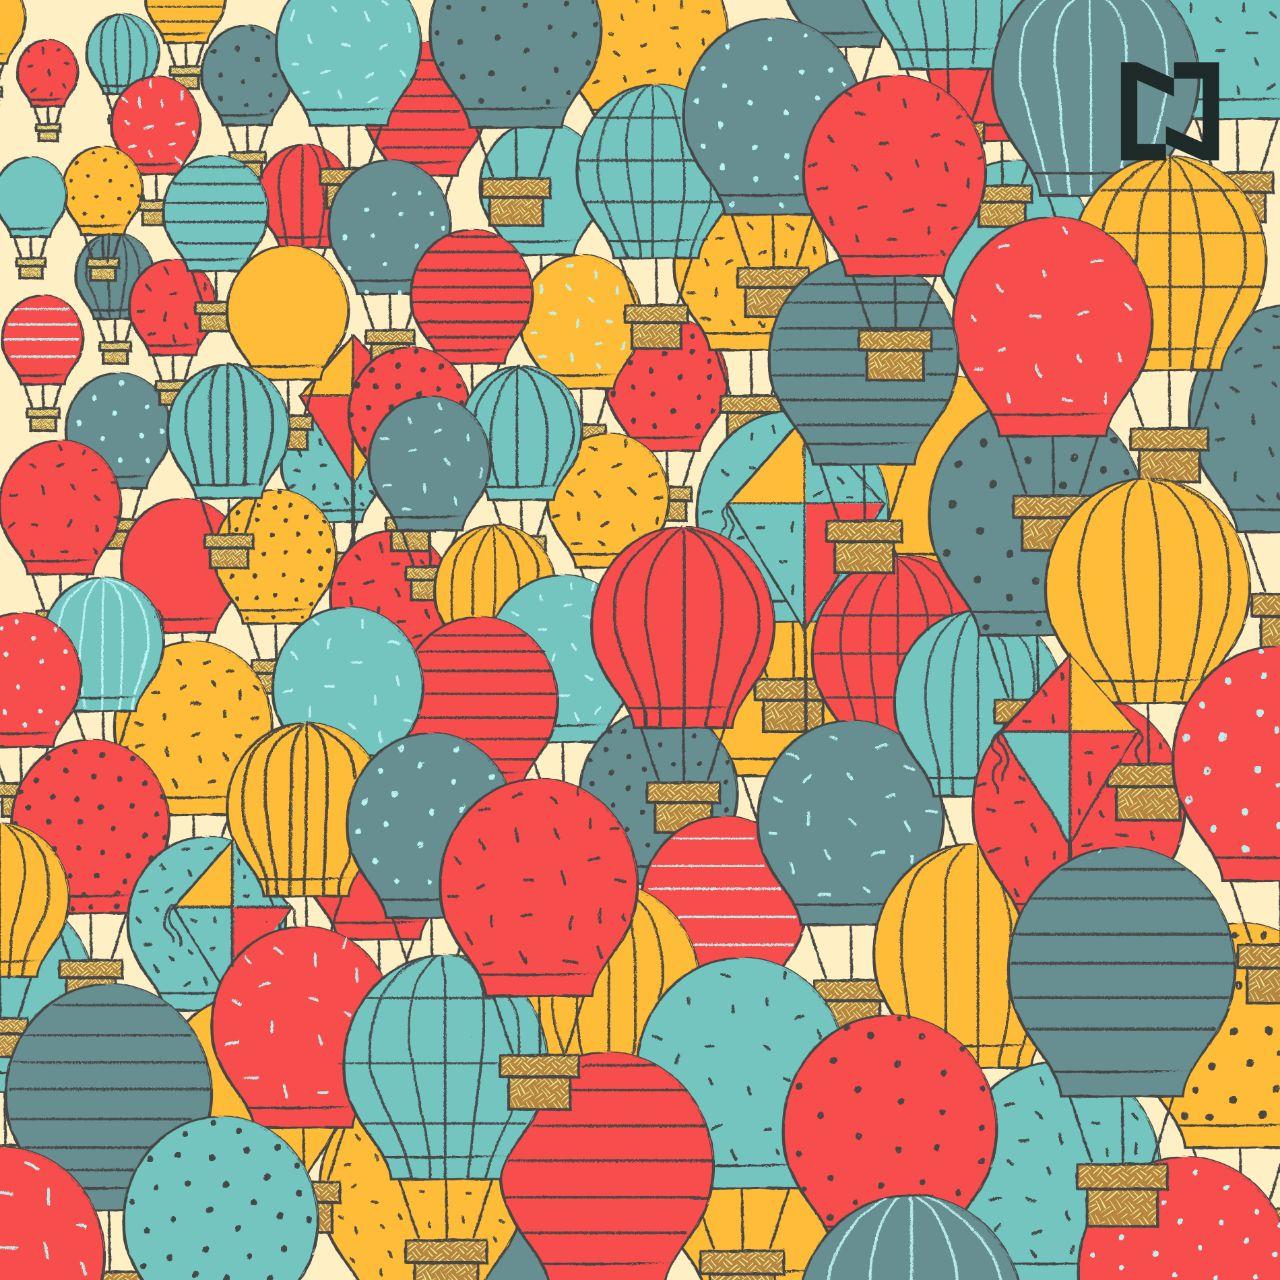 Reto visual: Encuentra los cuatro papalote escondidos entre los globos aerostáticos